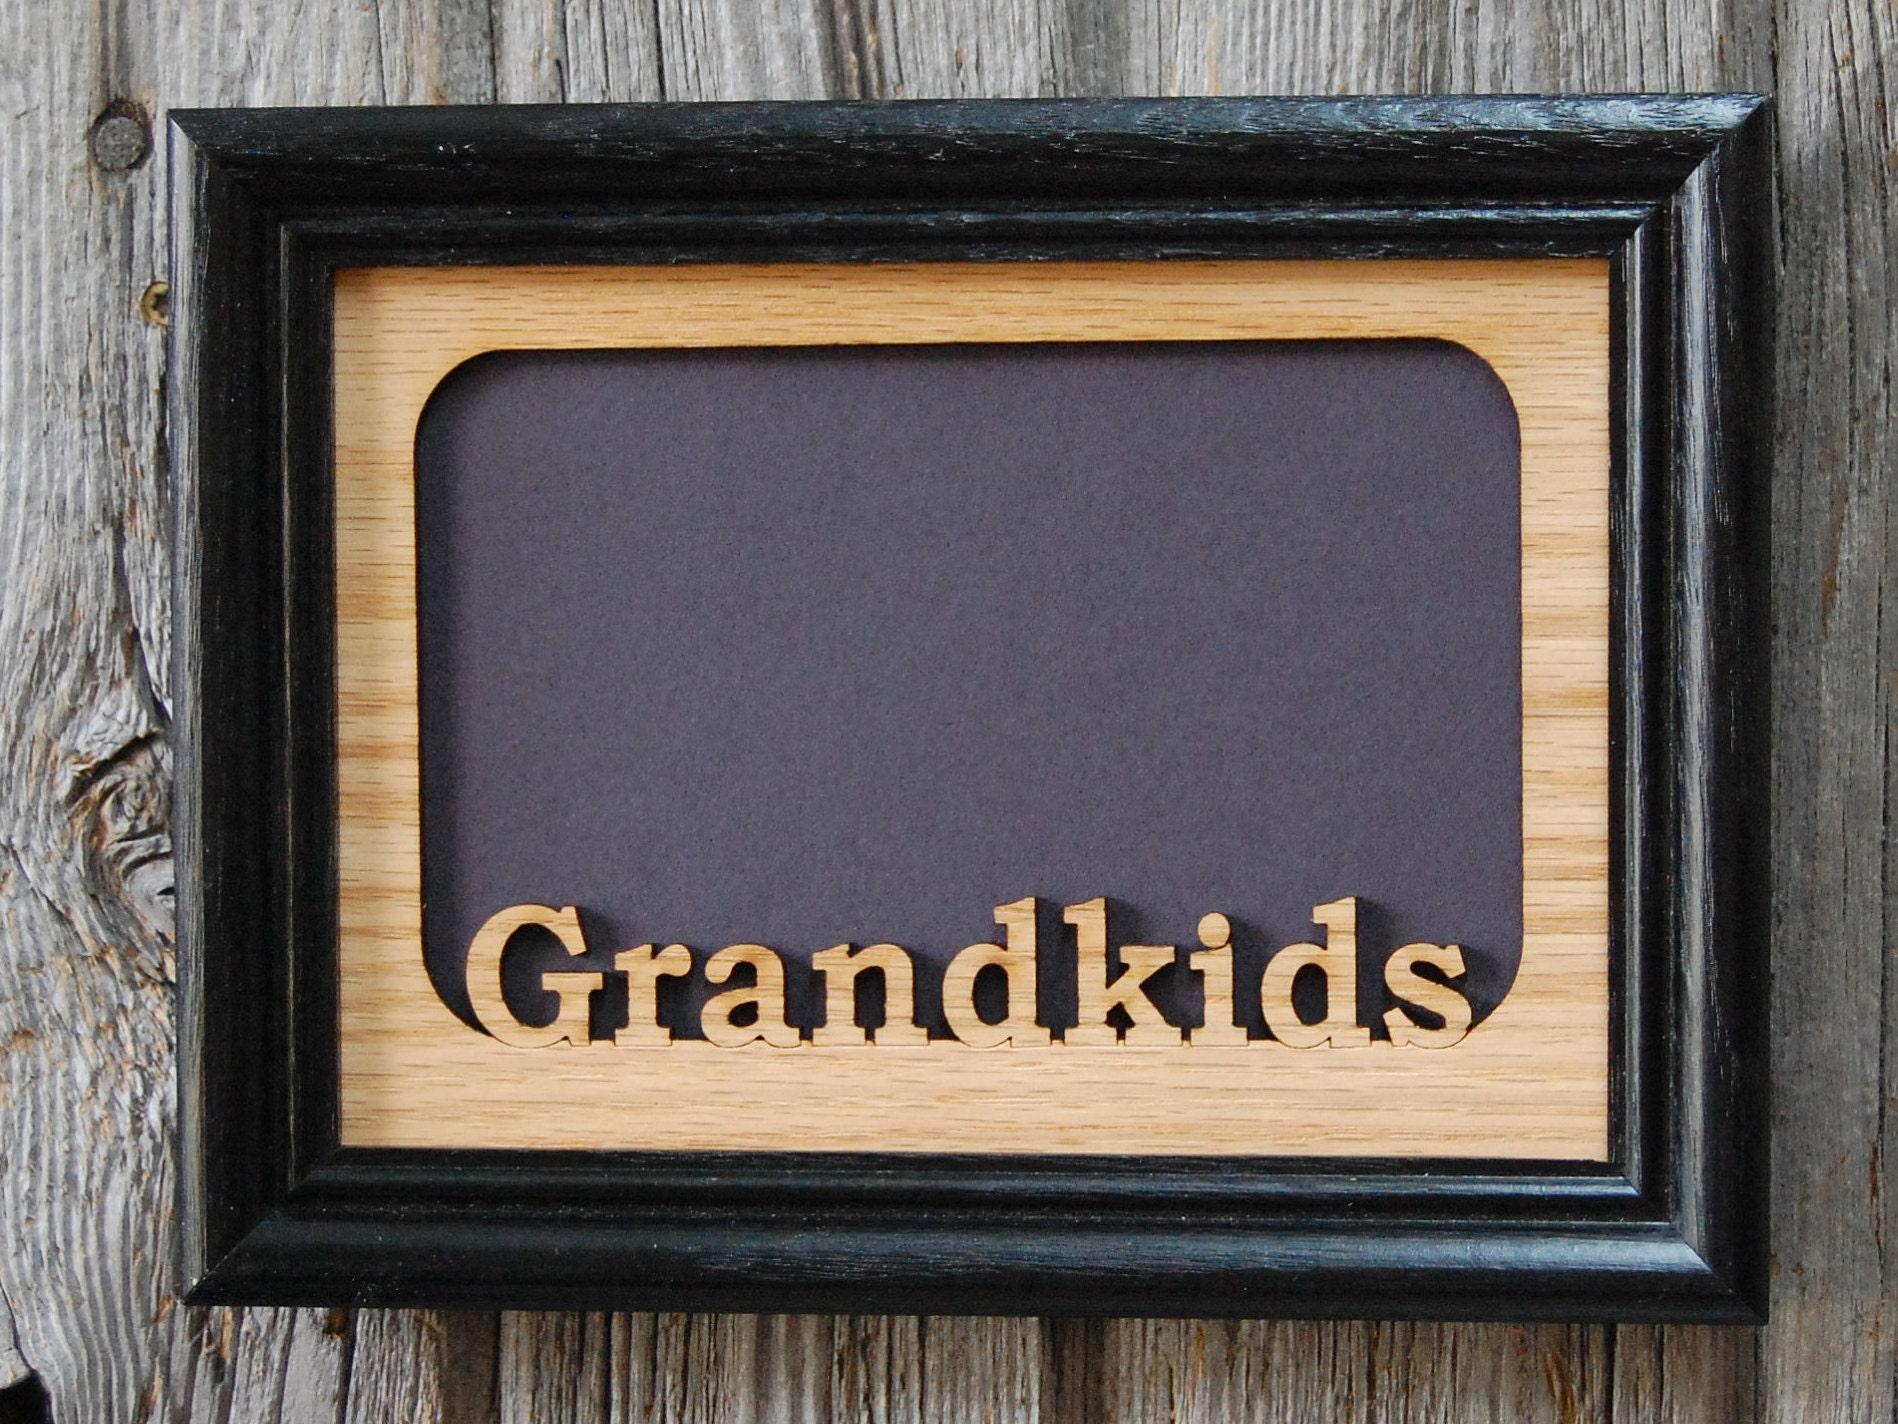 5 x 7 Enkeln Bild Rahmen Familie Bilderrahmen Geschenk für | Etsy